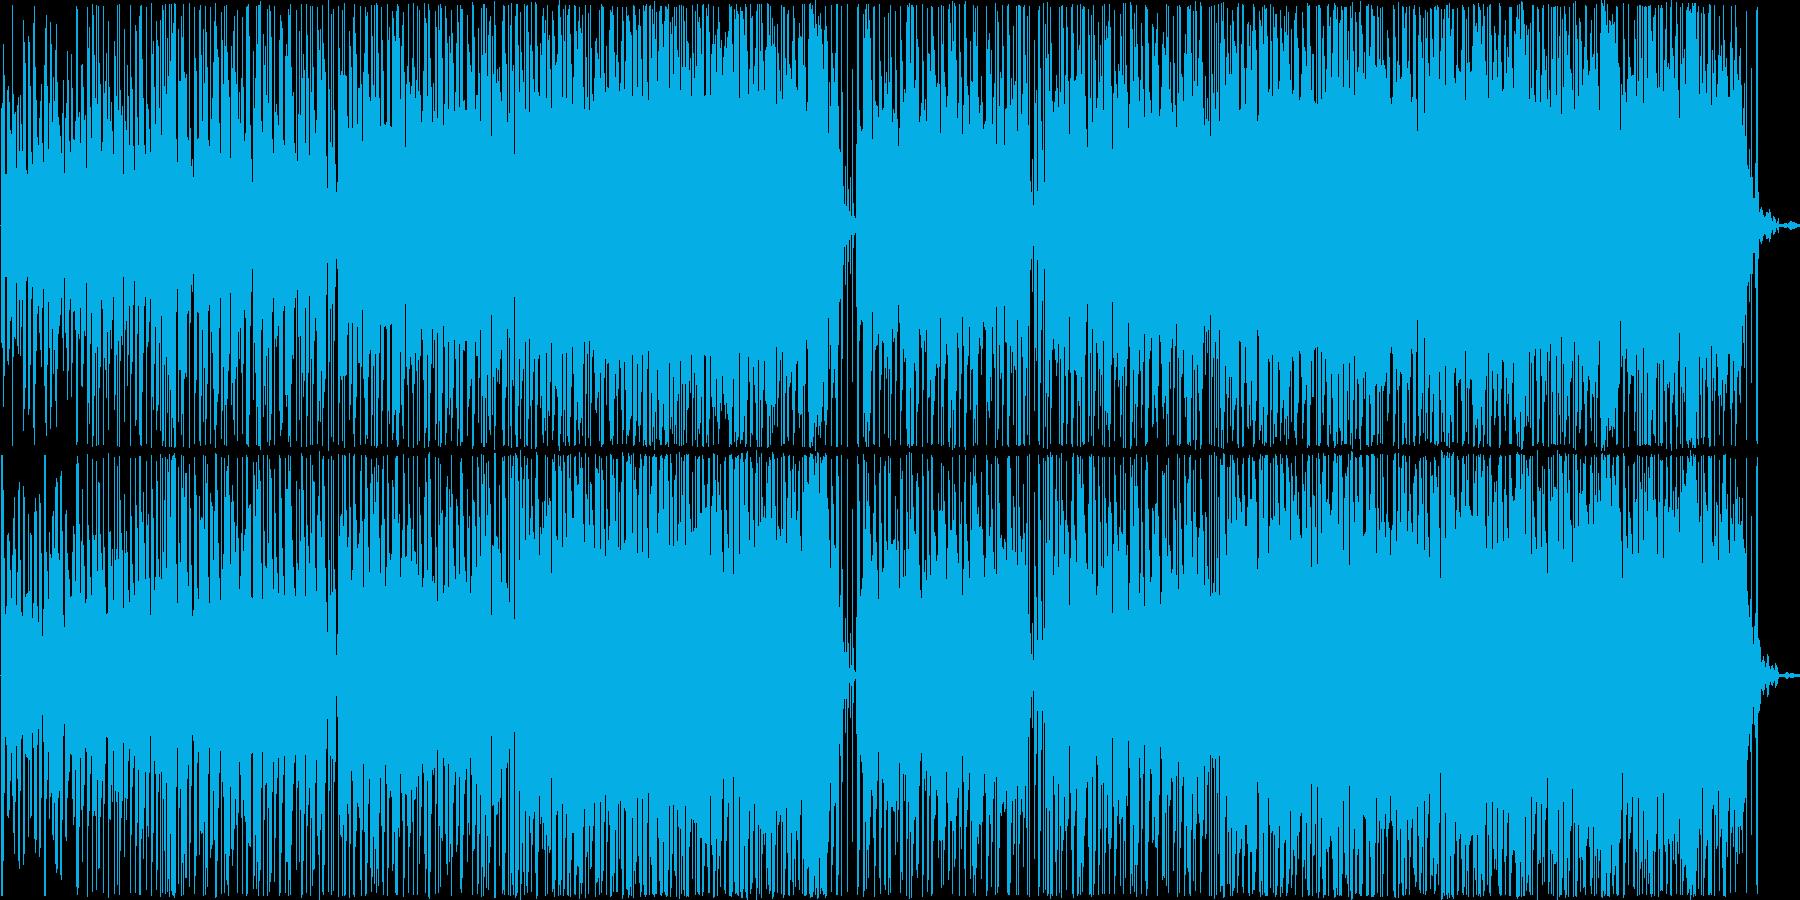 赤ちゃんやペットの動画BGMの再生済みの波形